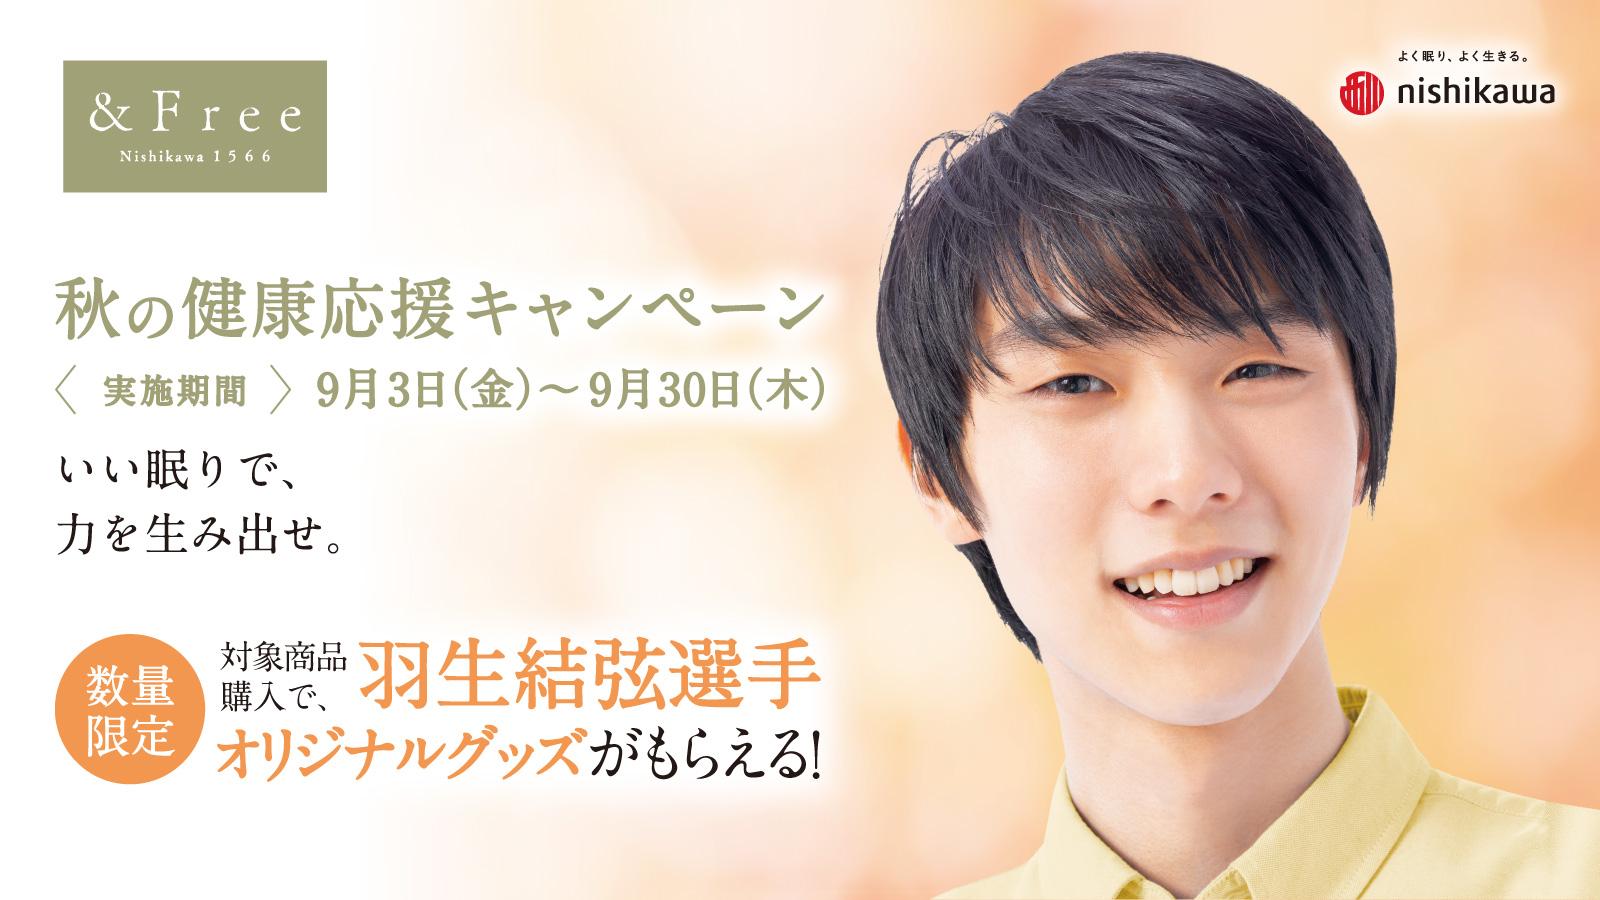 &Free 秋の健康応援キャンペーン